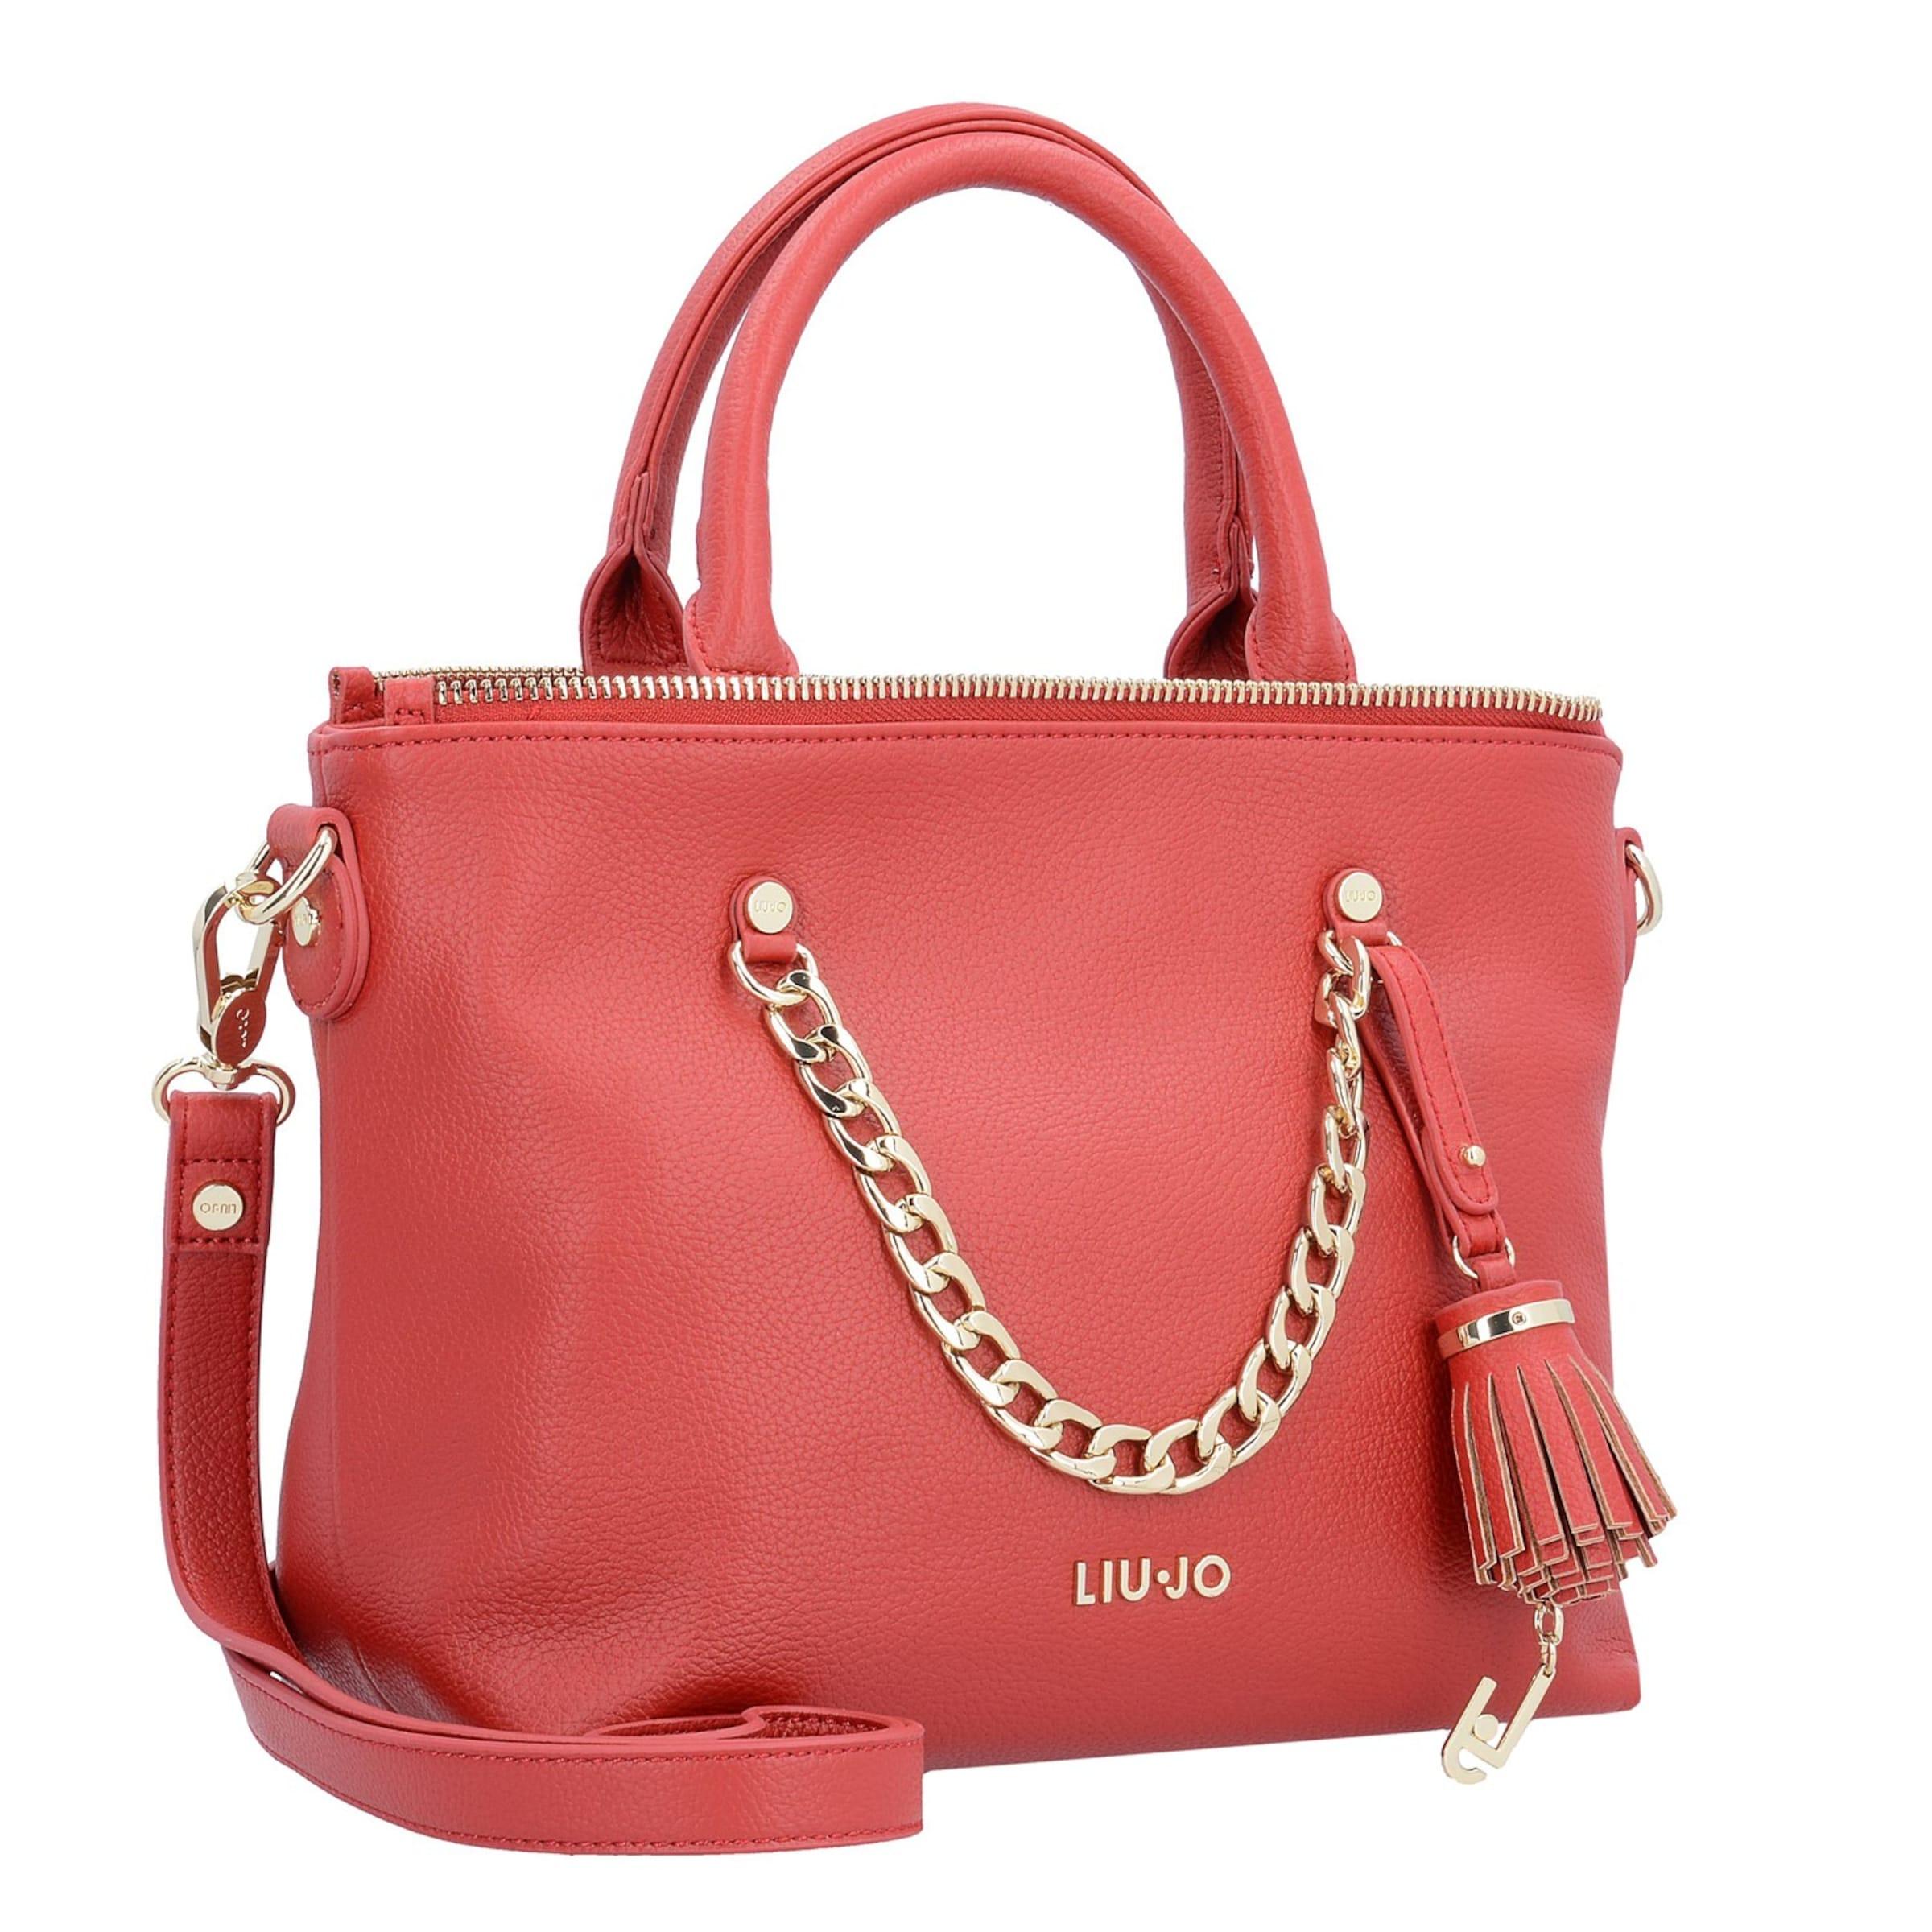 Liu Jo 'Shopping S Poppa' Handtasche 26 cm Mit Paypal Freiem Verschiffen yAPWE5d